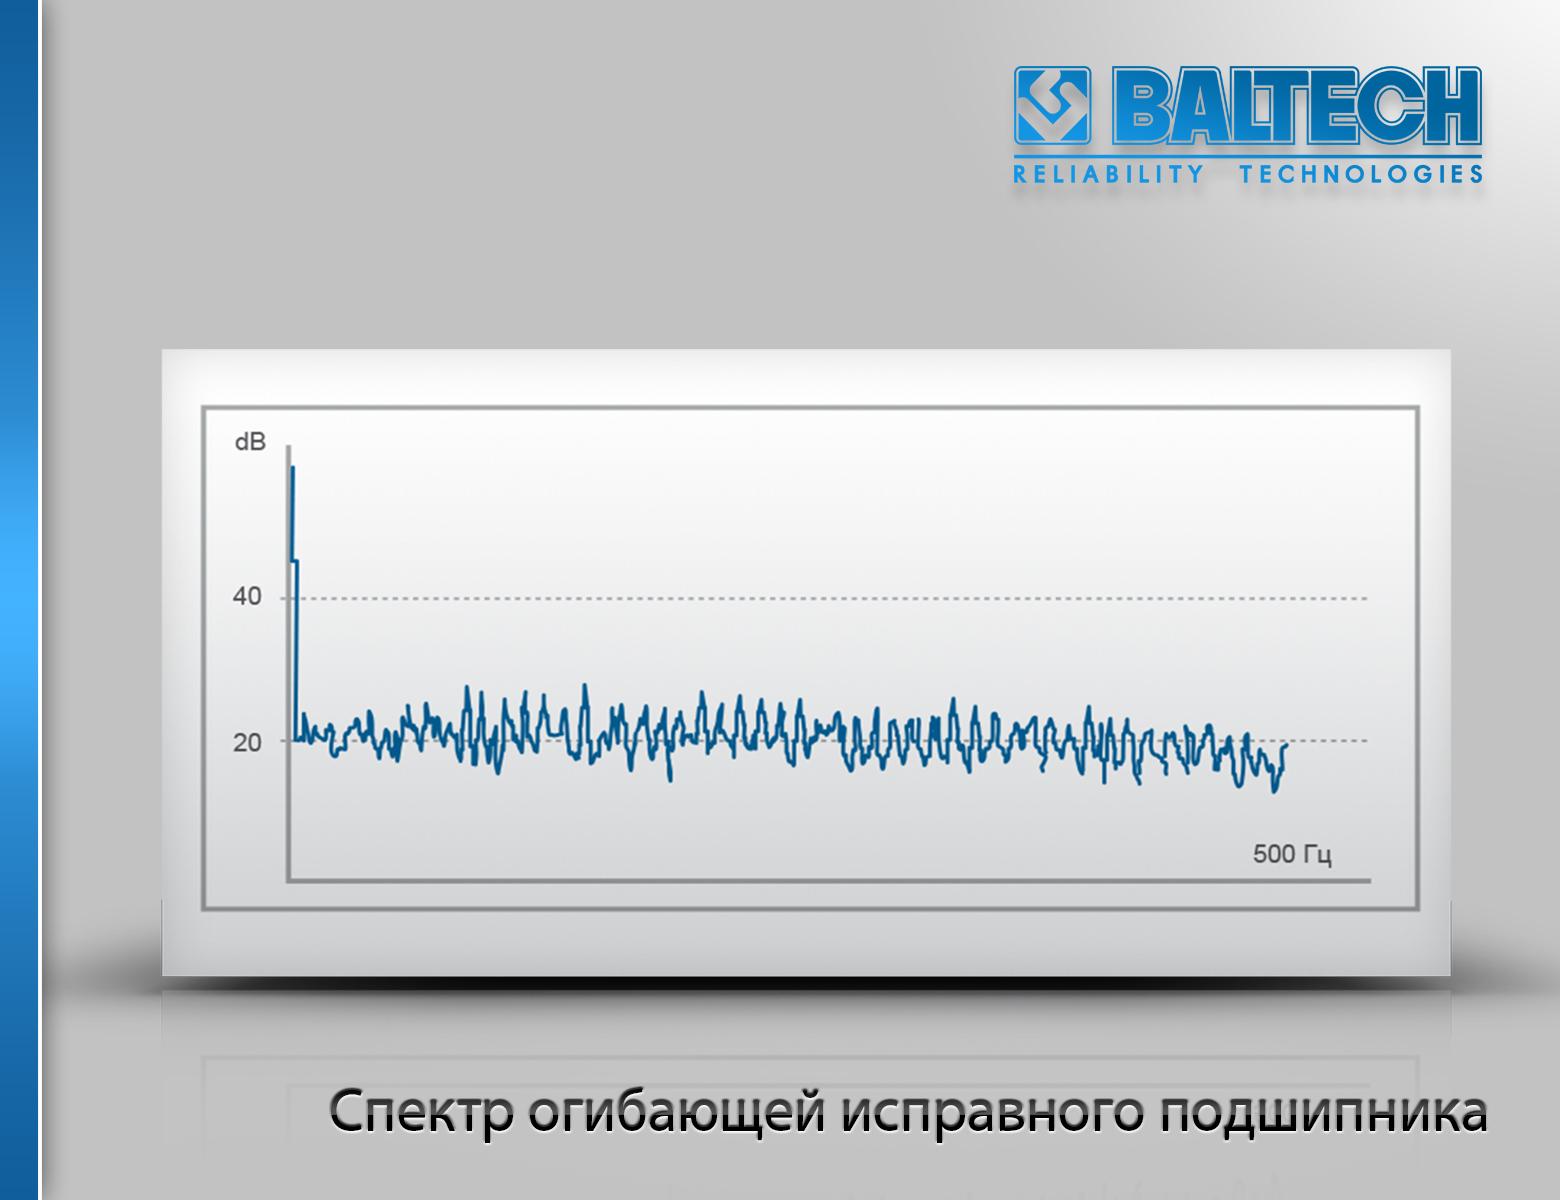 Спектр огибающей исправного подшипника, метод огибающей, вибродиагностика